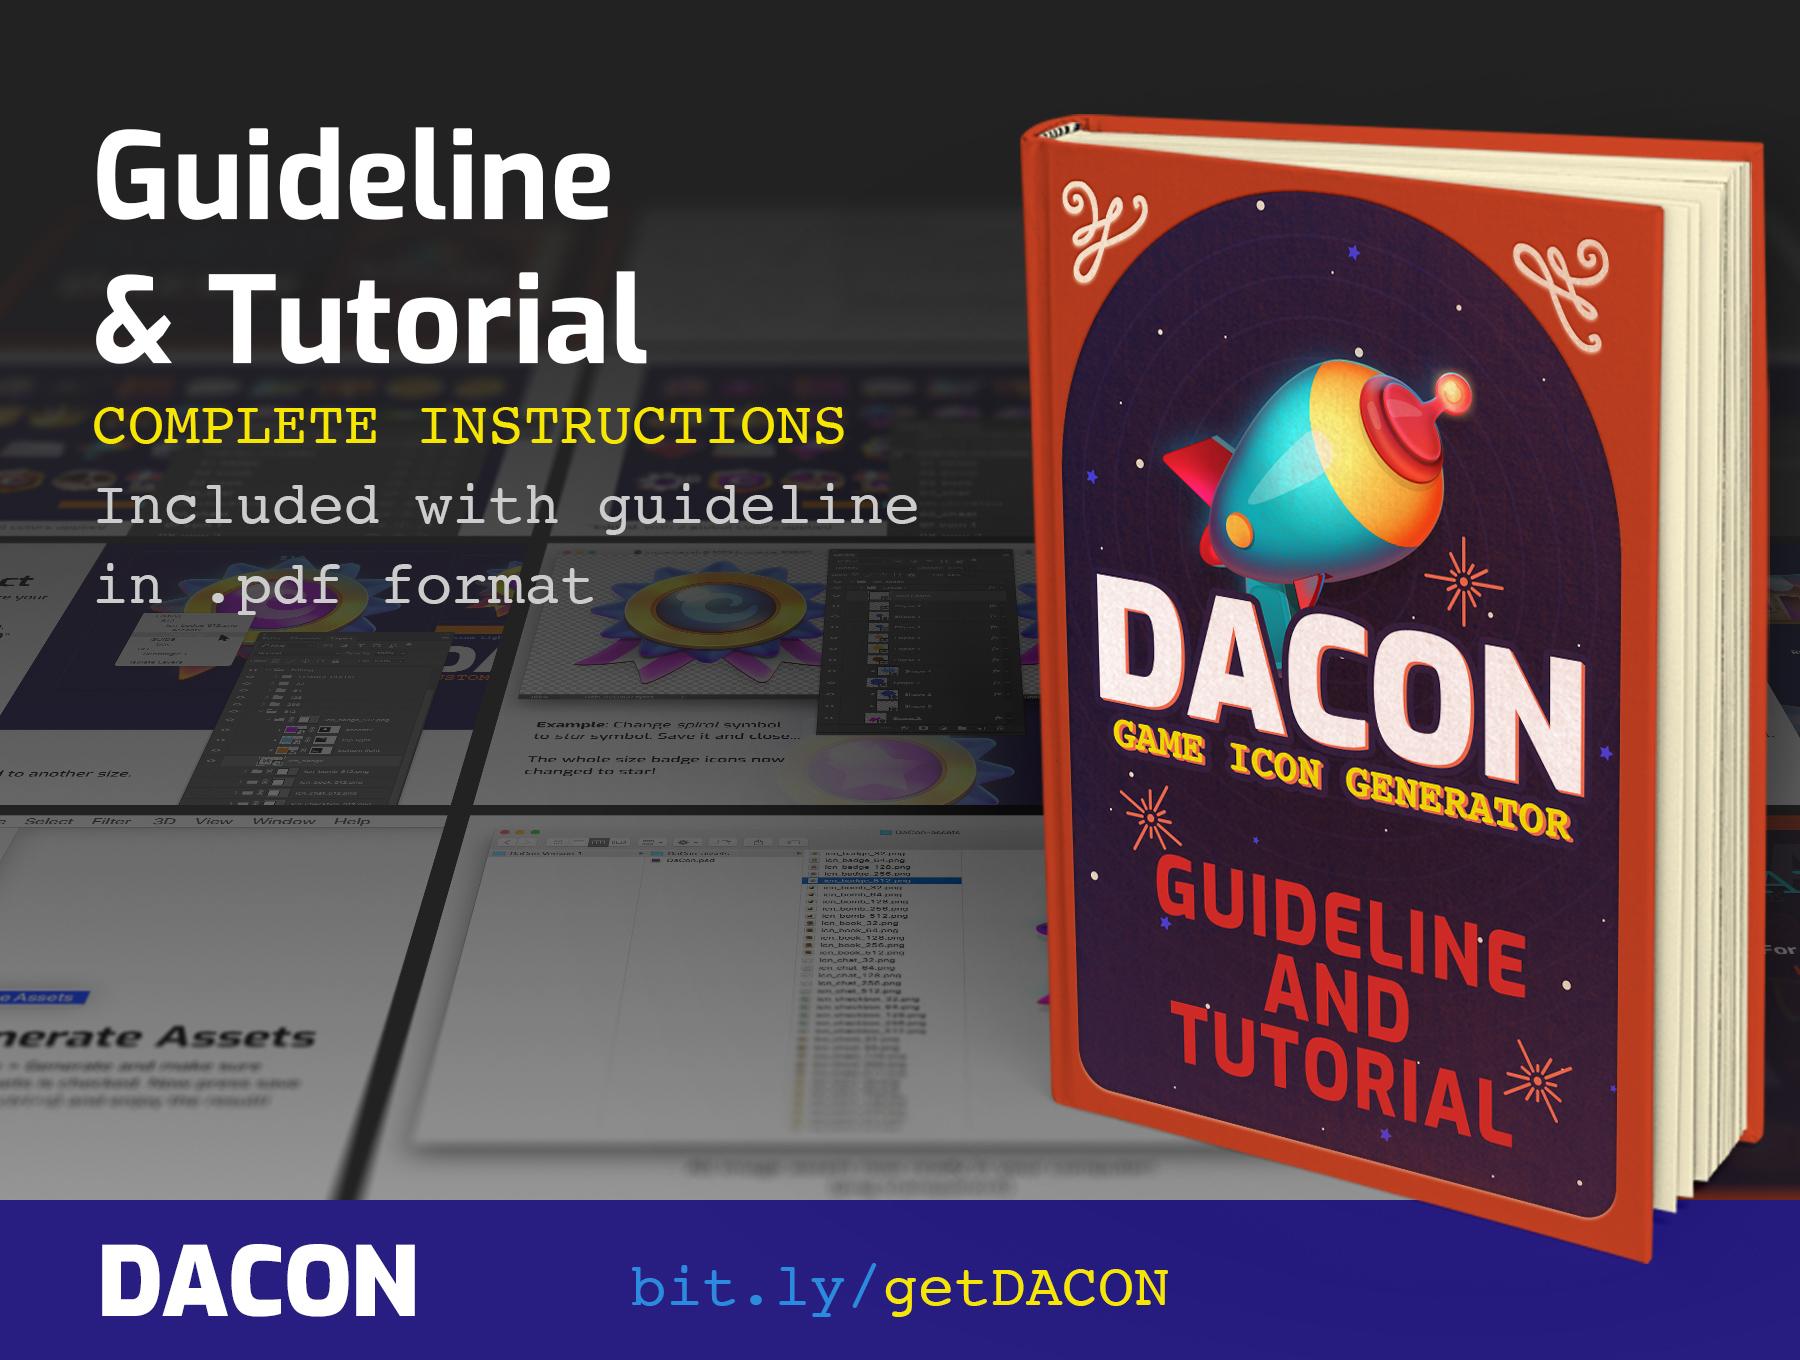 高品质多彩游戏3D图标PS设计素材 DACON – Game Icon Generator插图(4)